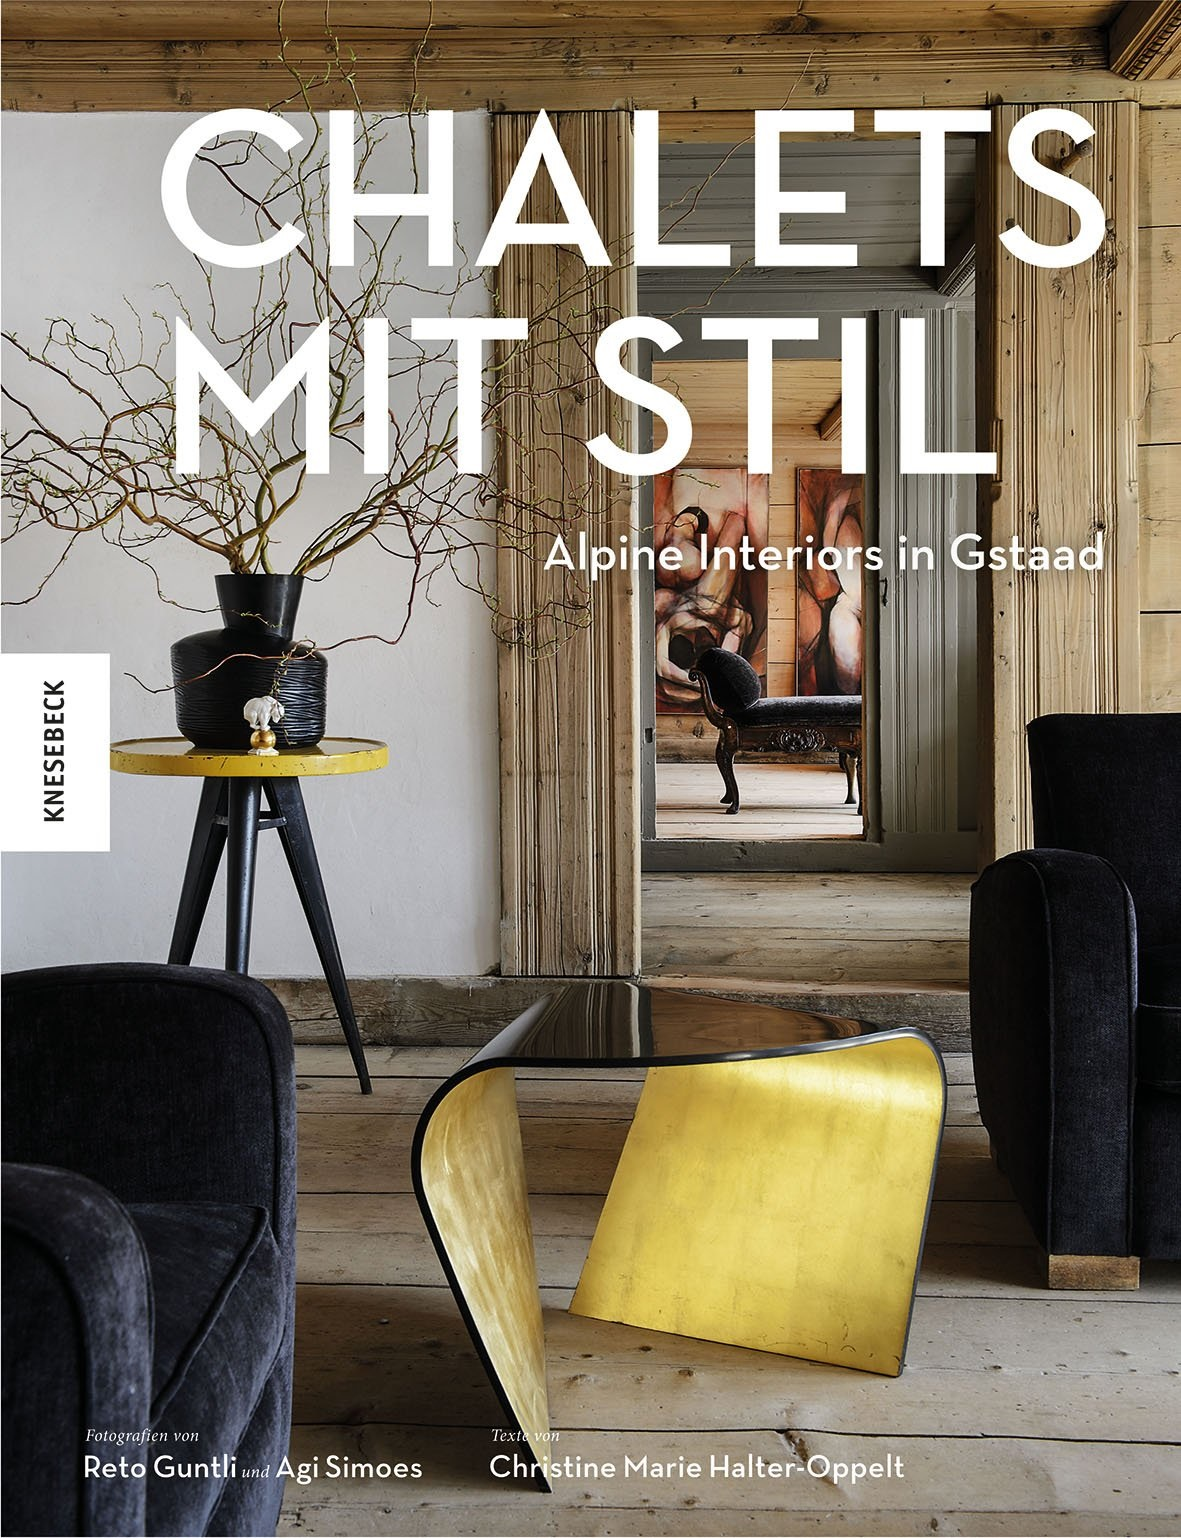 Chalets mit Stil: Alpine Interiors in Gstaad - Reto Guntli et al.